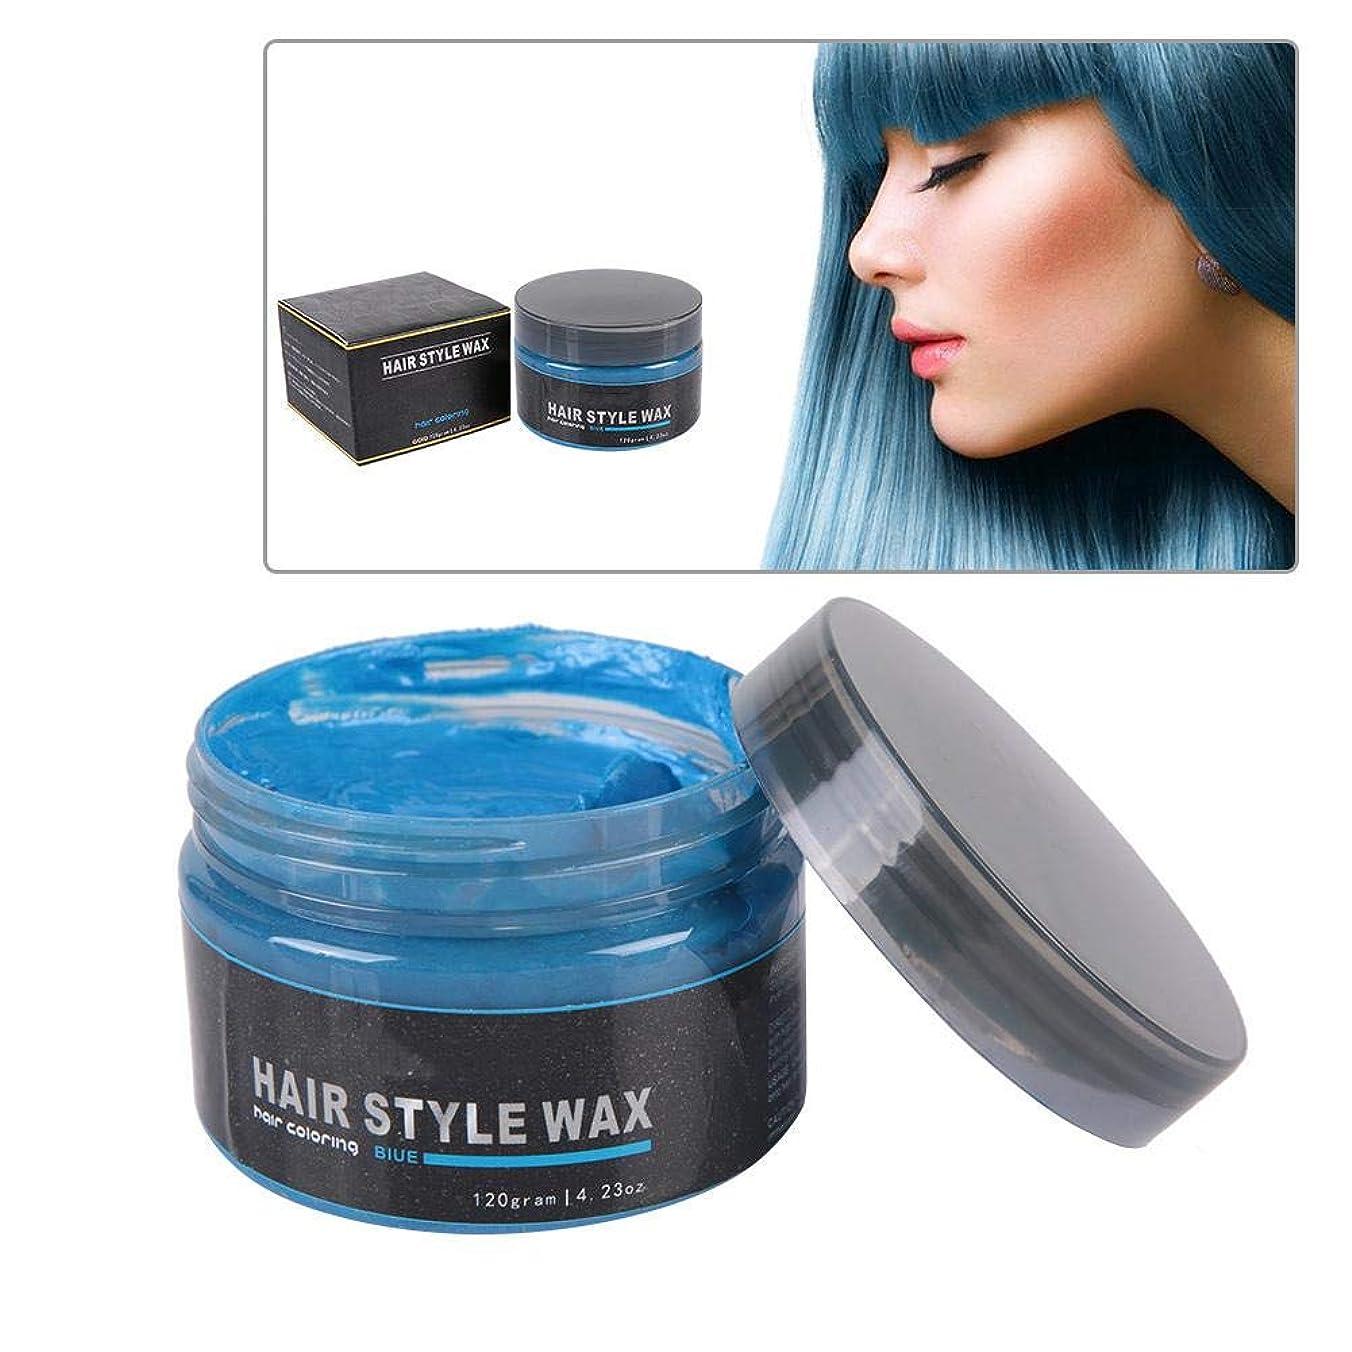 肉腫良心参照する使い捨ての新しいヘアカラーワックス、染毛剤の着色泥のヘアスタイルモデリングクリーム120グラム(ブルー)